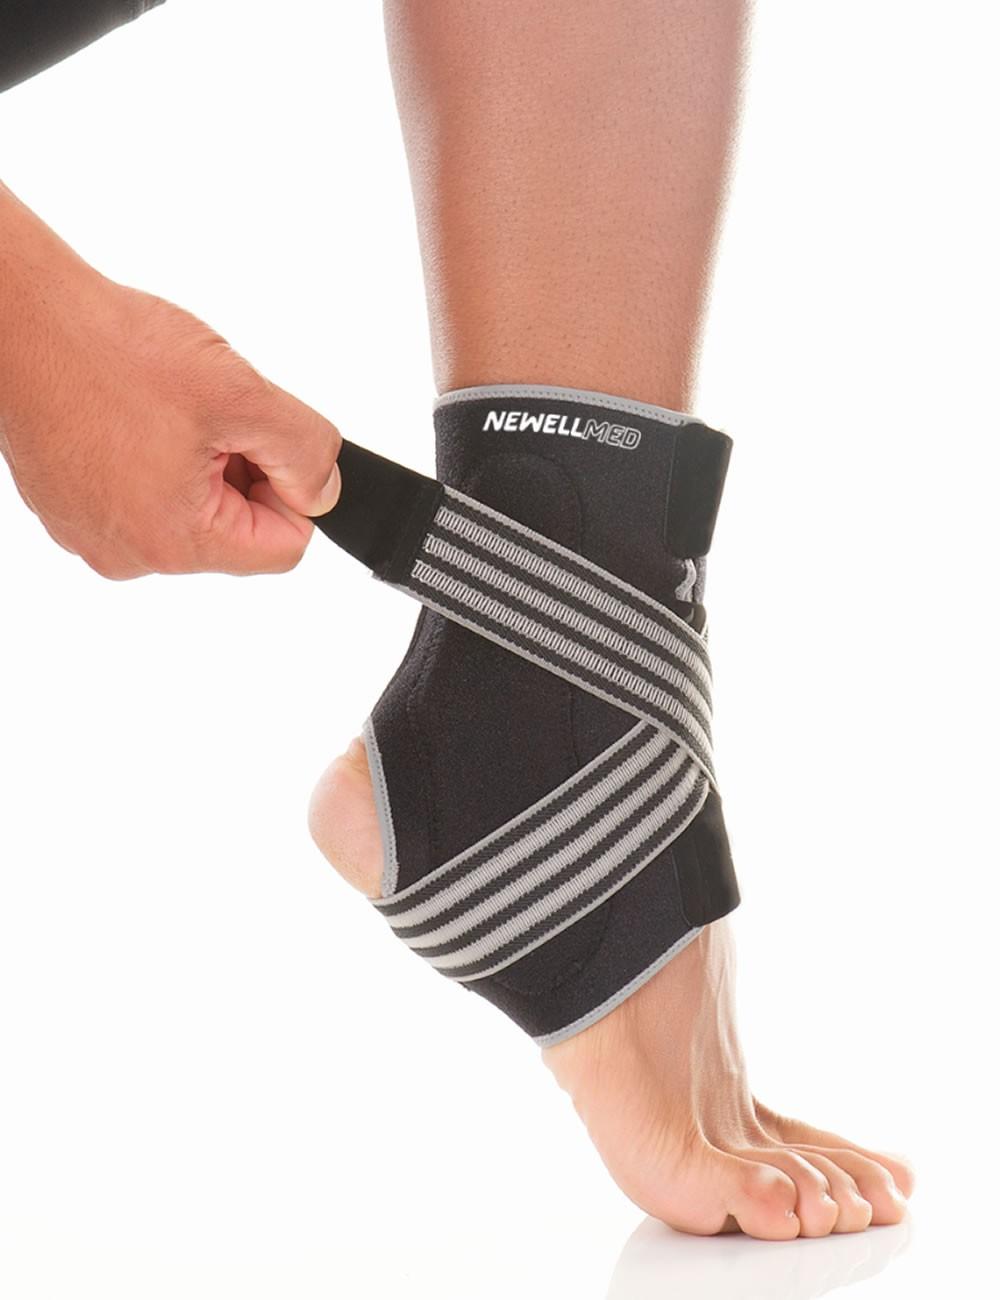 PK63 - Reinforced dynamic ankle brace